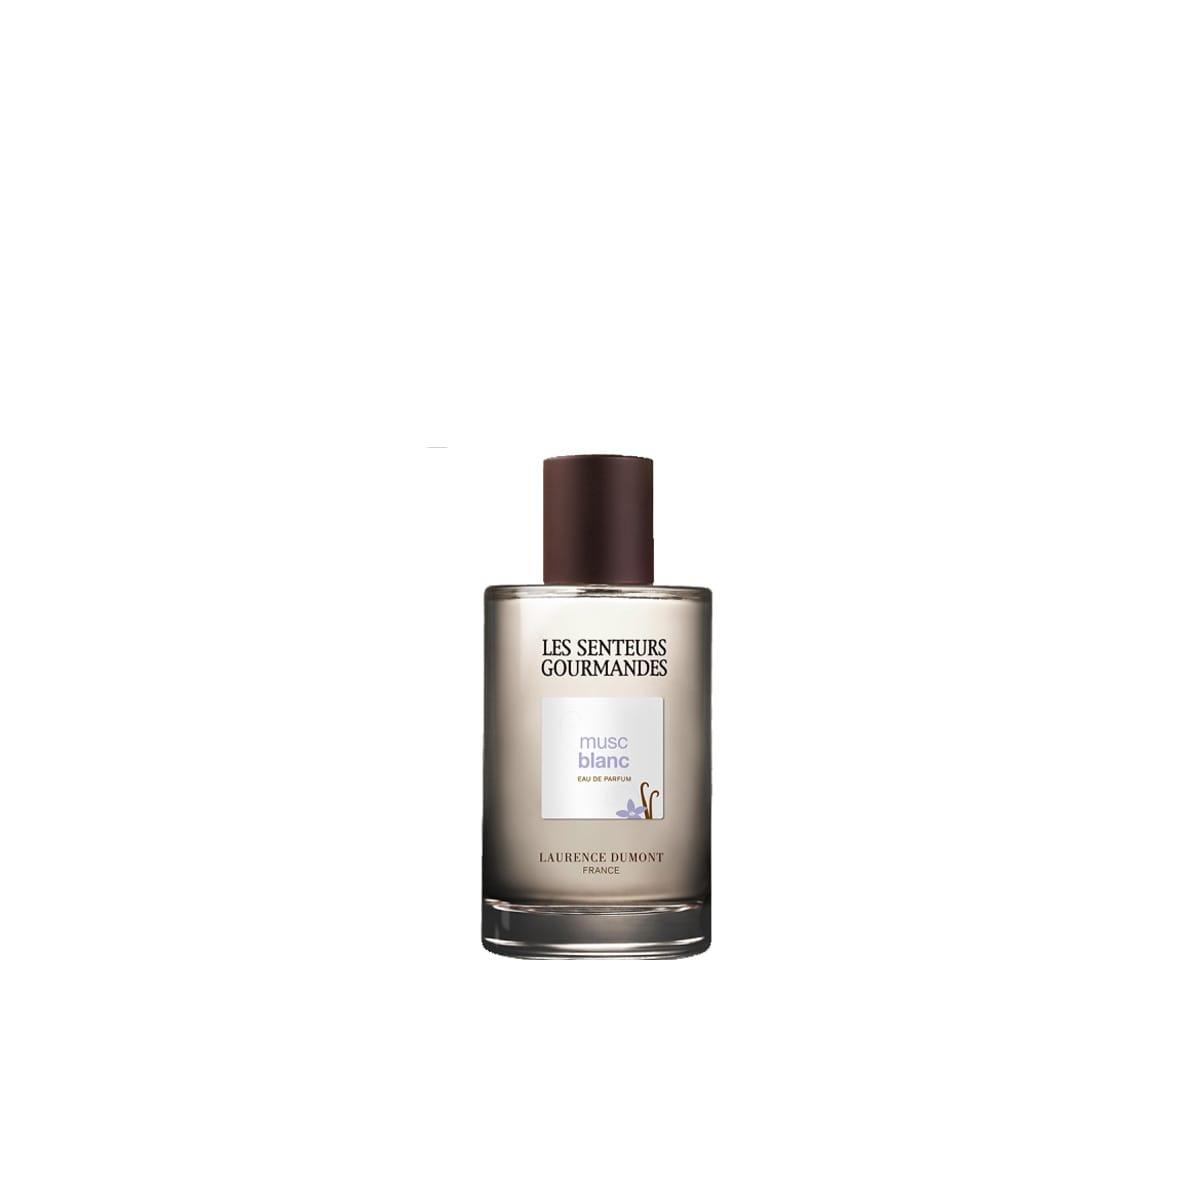 musc blanc eau de parfum vaporisateur 100 ml les senteurs gourmandes incenza. Black Bedroom Furniture Sets. Home Design Ideas